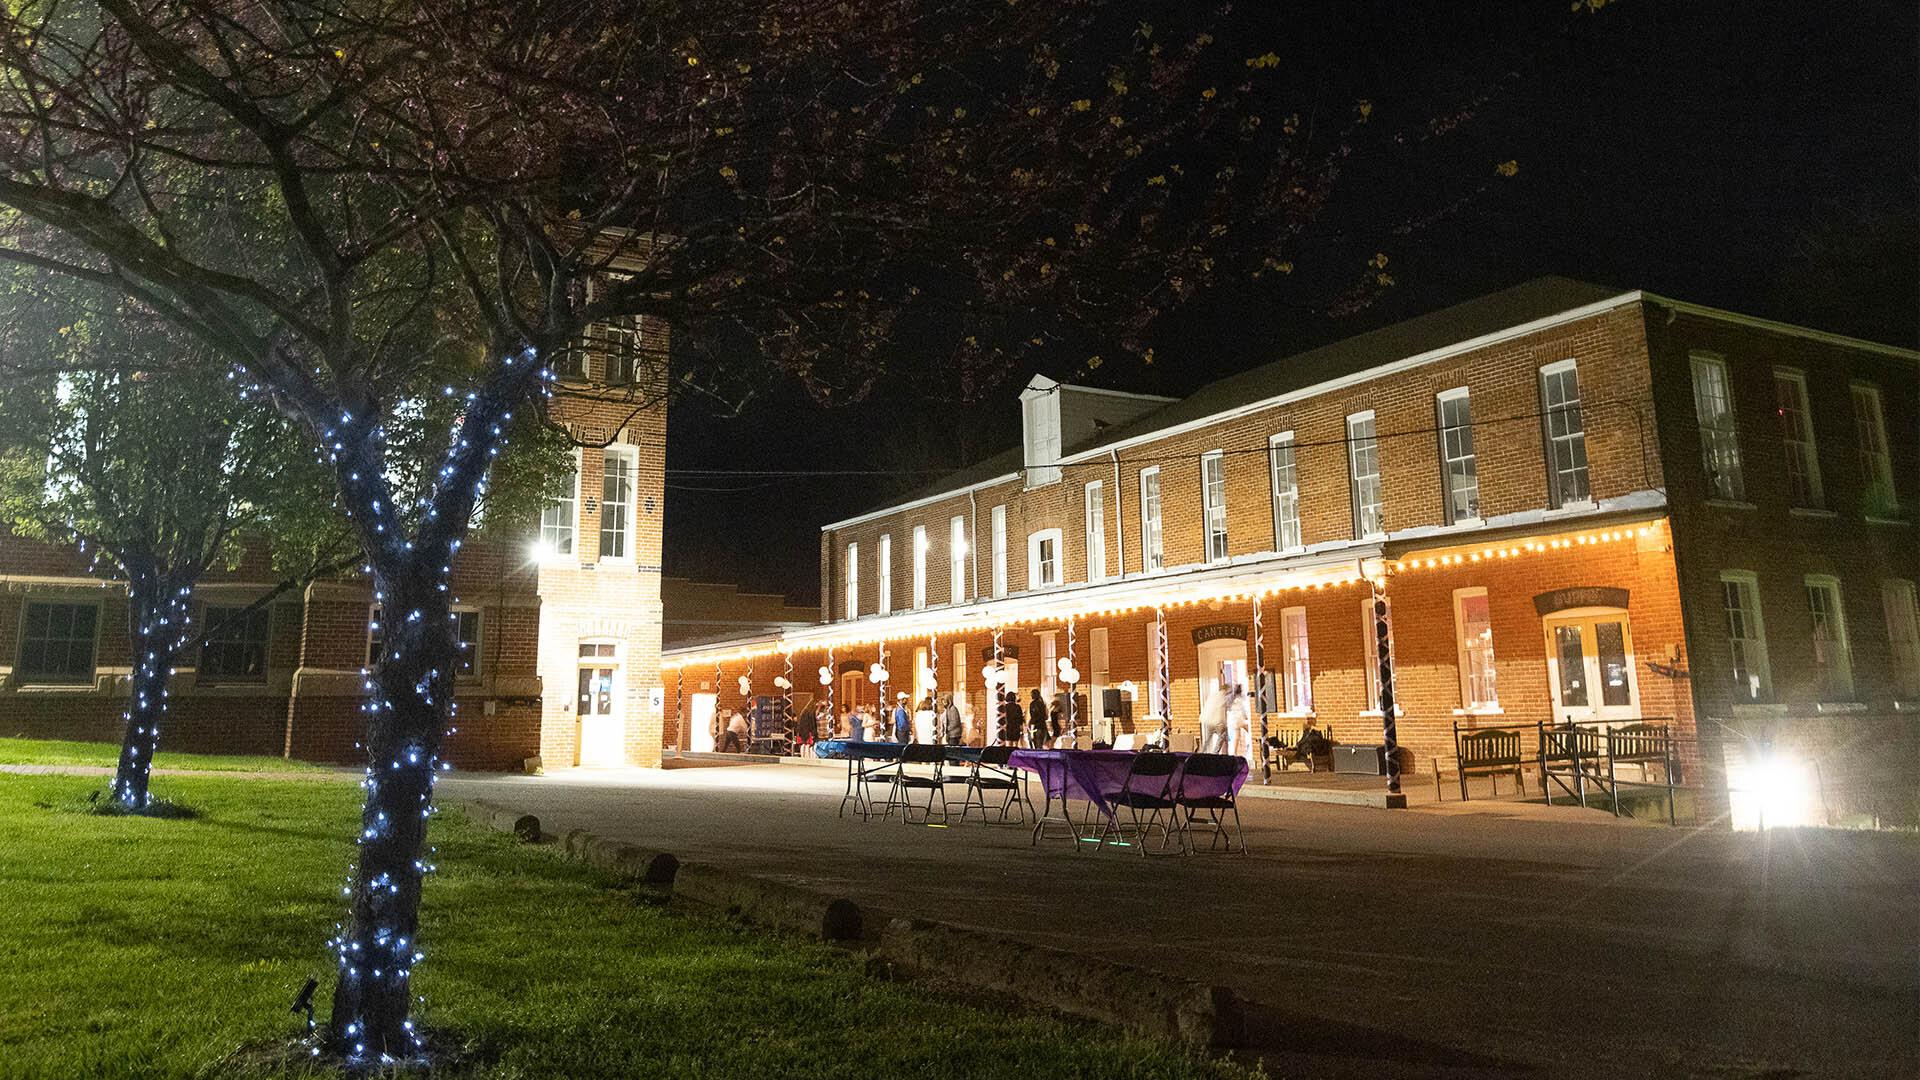 在繁星点点的弗吉尼亚之夜,SGA举办了一场精彩的春季舞会.